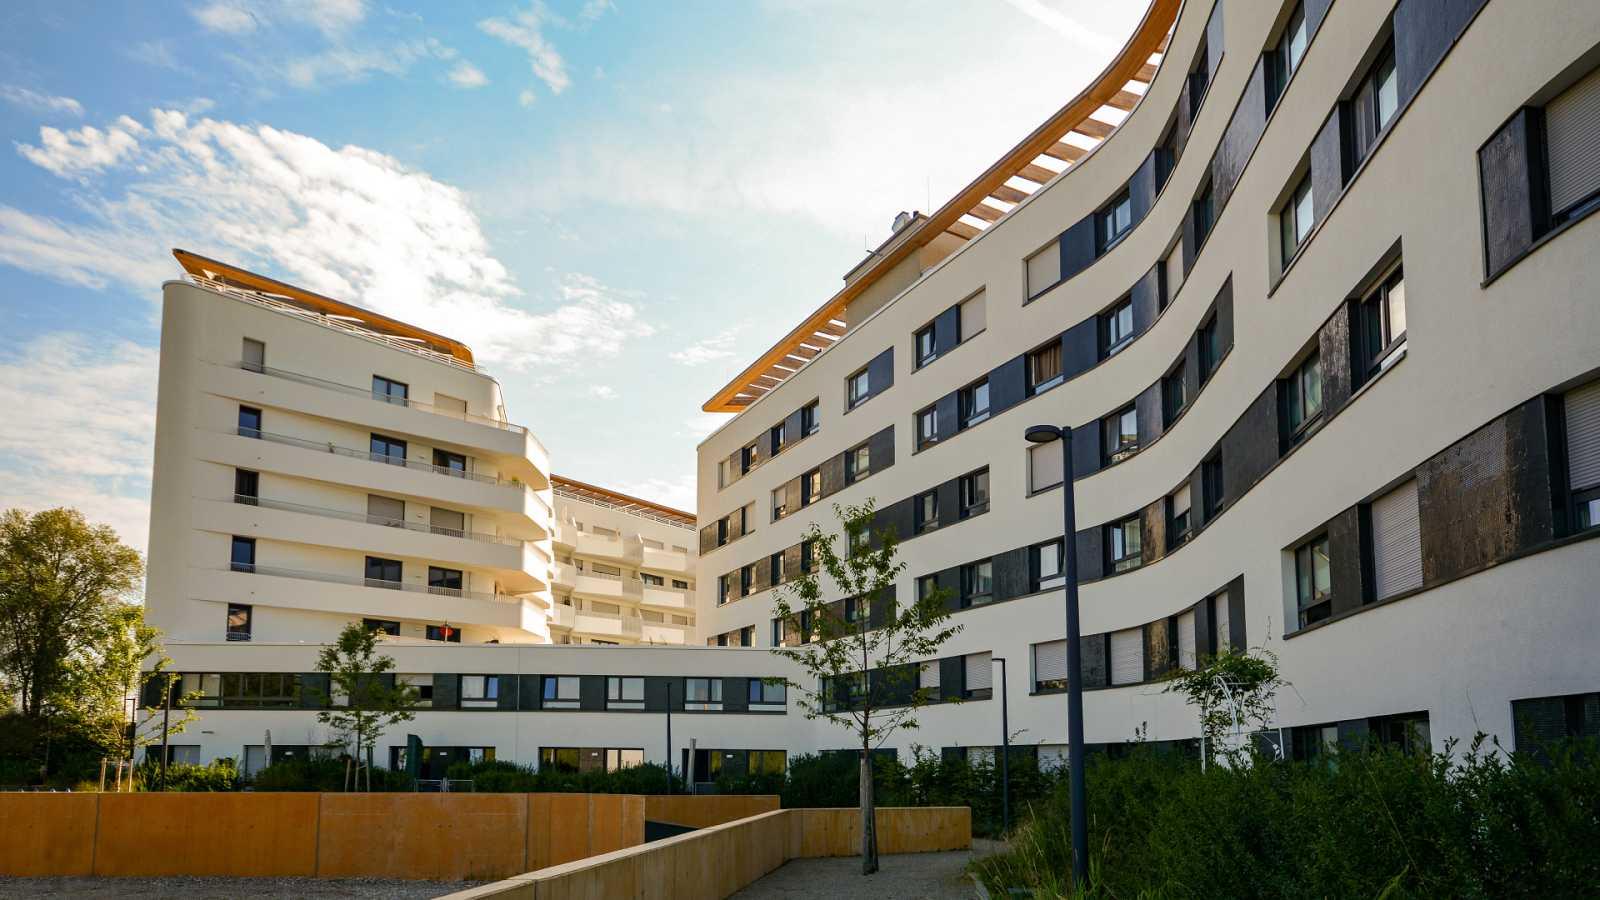 24 horas - Baleares expropia 56 viviendas para alquiler social - Escuchar ahora